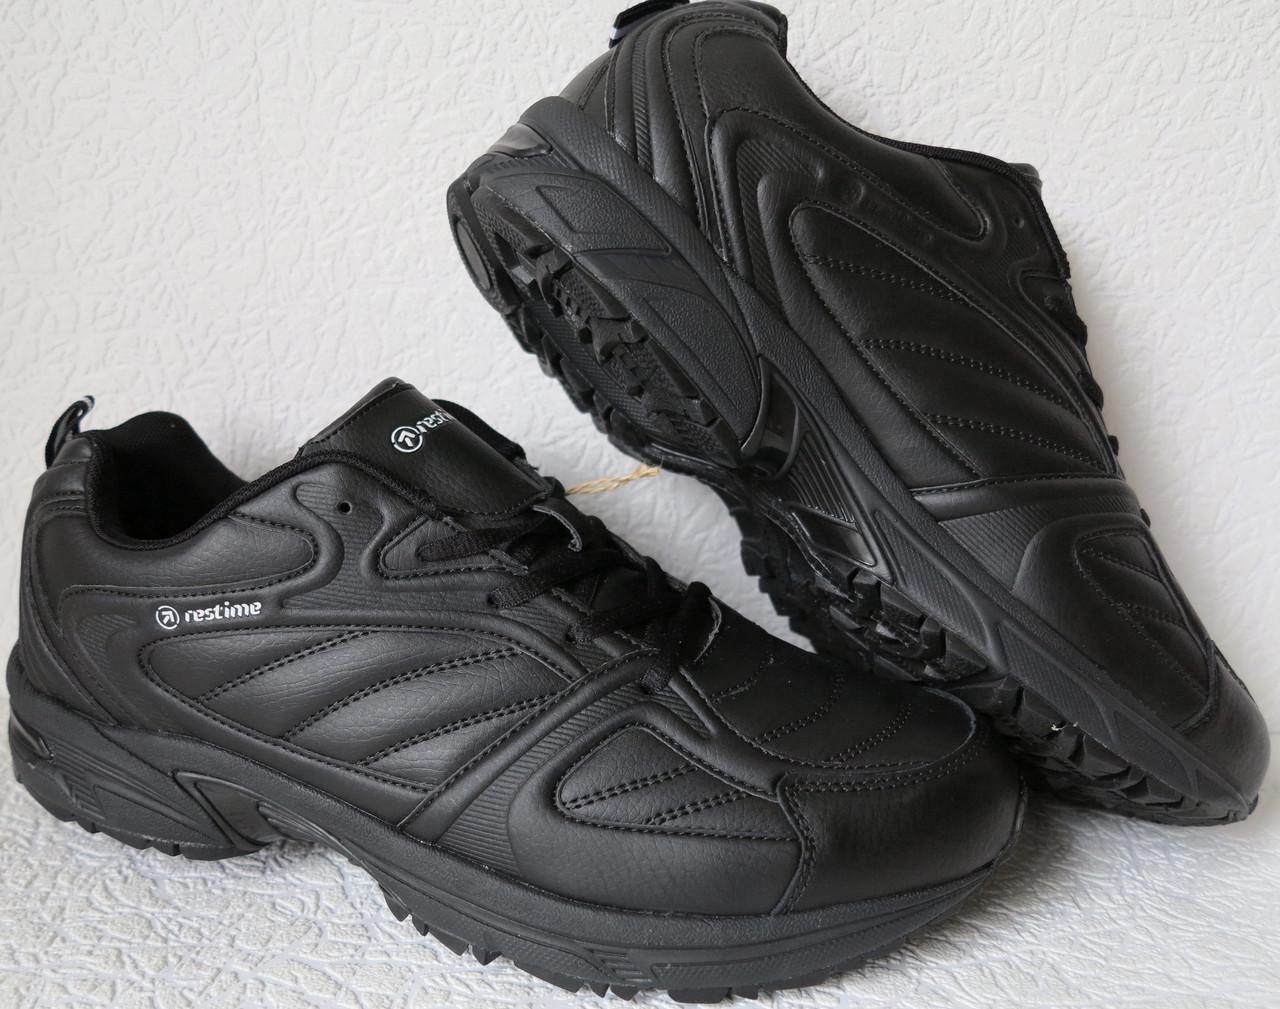 1d42d7f5 Restime мужские кроссовки большого размера баталы гиганты качественная обувь  - MANTE в